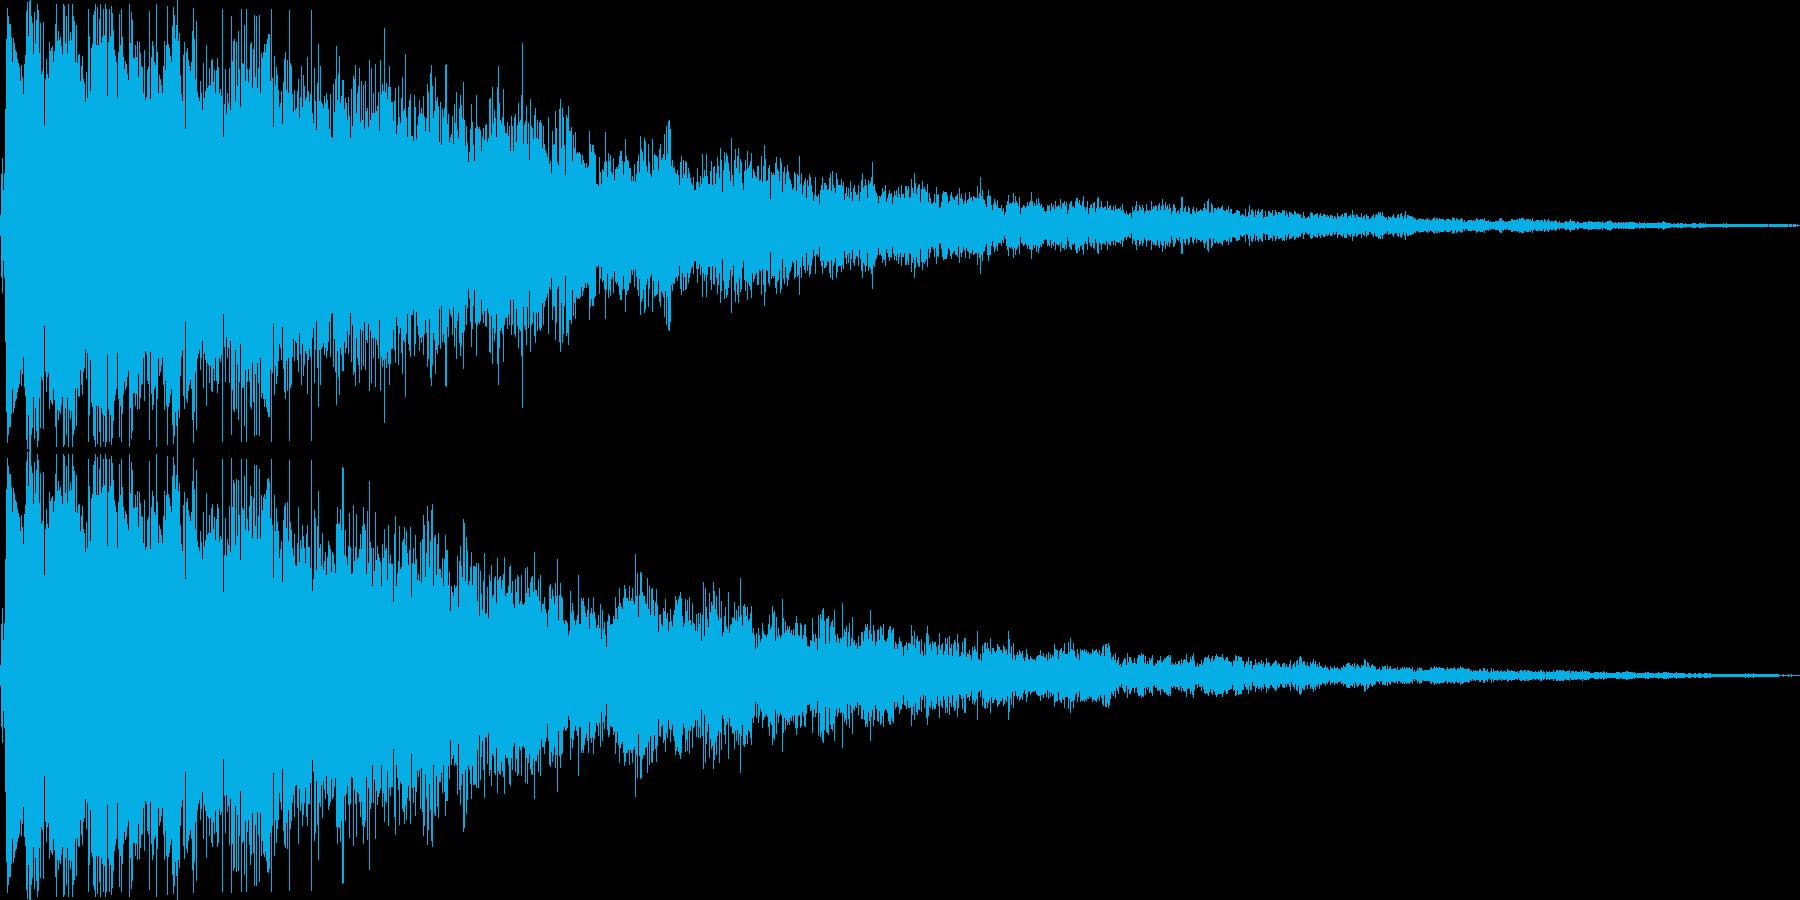 気付く(ひらめく音にも使える)の再生済みの波形